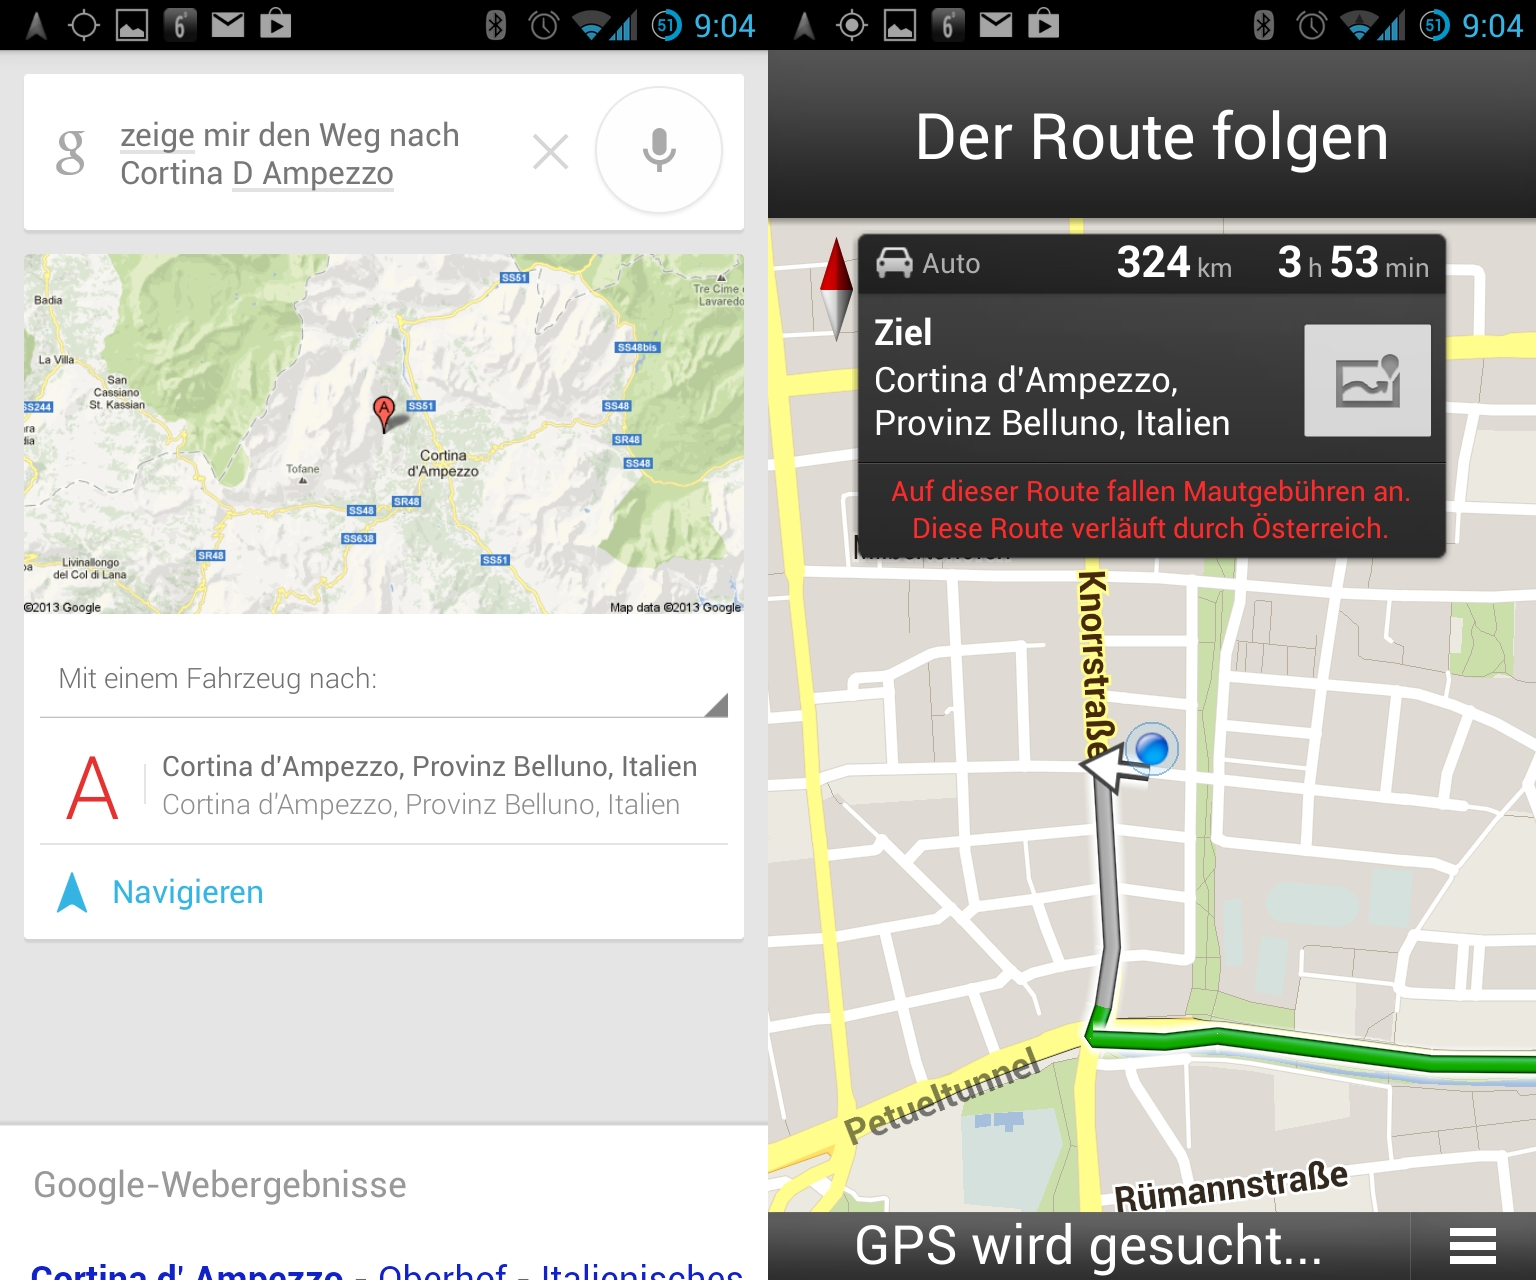 """Den besten Eindruck hinterlässt die Sprachsteuerung der Navigations-App. \""""Zeige mir den Weg nach Ort xy\"""" funktioniert tadellos und wird sogar mit einer Sprachausgabe quittiert. Die für die im Beispiel gewählte Strecke benötigte Zeit gibt Google Maps mit realistischen 3 Stunden und 53 Minuten an. Für den 302  km langen Fußweg kalkuliert das System 2 Tage und 16 Stunden. Das dürfte selbst für gut trainierte Langstreckenläufer wie Google-Mitarbeiter <a href=\""""https://plus.google.com/109412257237874861202/posts/WGEaFRTdQWm\""""title=\""""Matt Cutts bei Google+\"""">Matt Cutts</a> etwas zu knapp bemessen sein."""